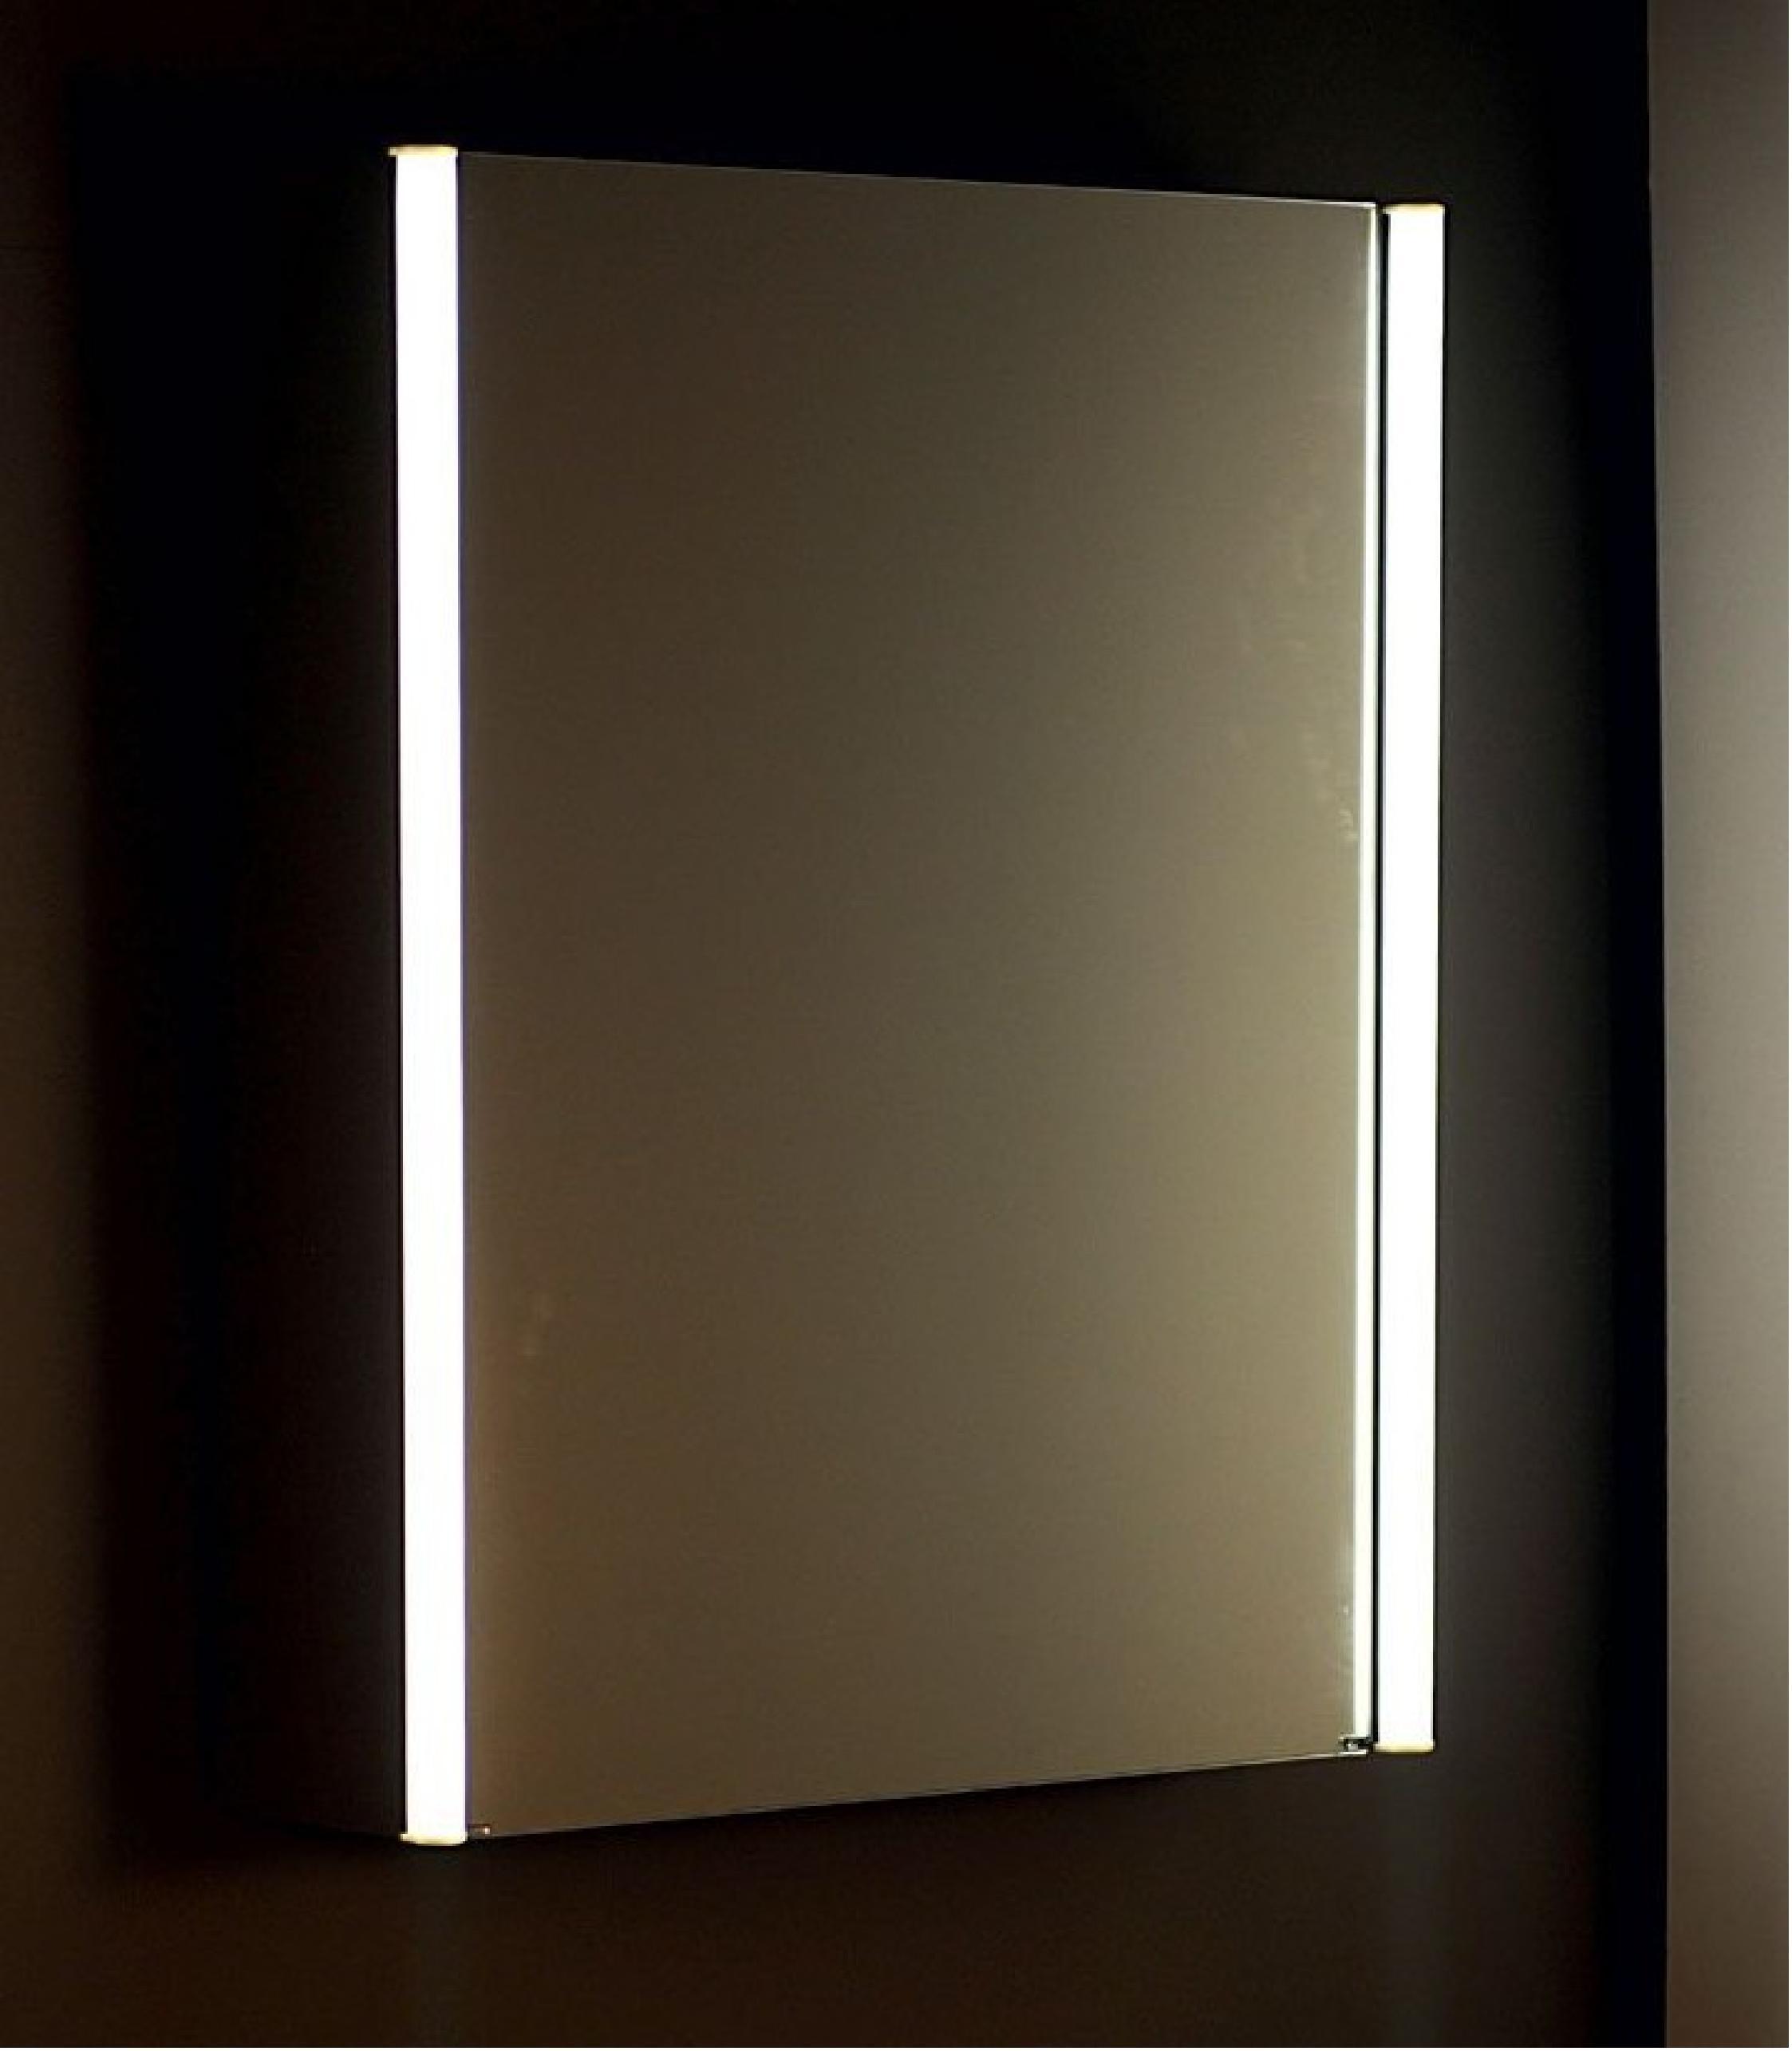 Alixspiegel%20B60%20Ledbeleuchtung-page-001 Spannende Spiegel Mit Led Beleuchtung Dekorationen